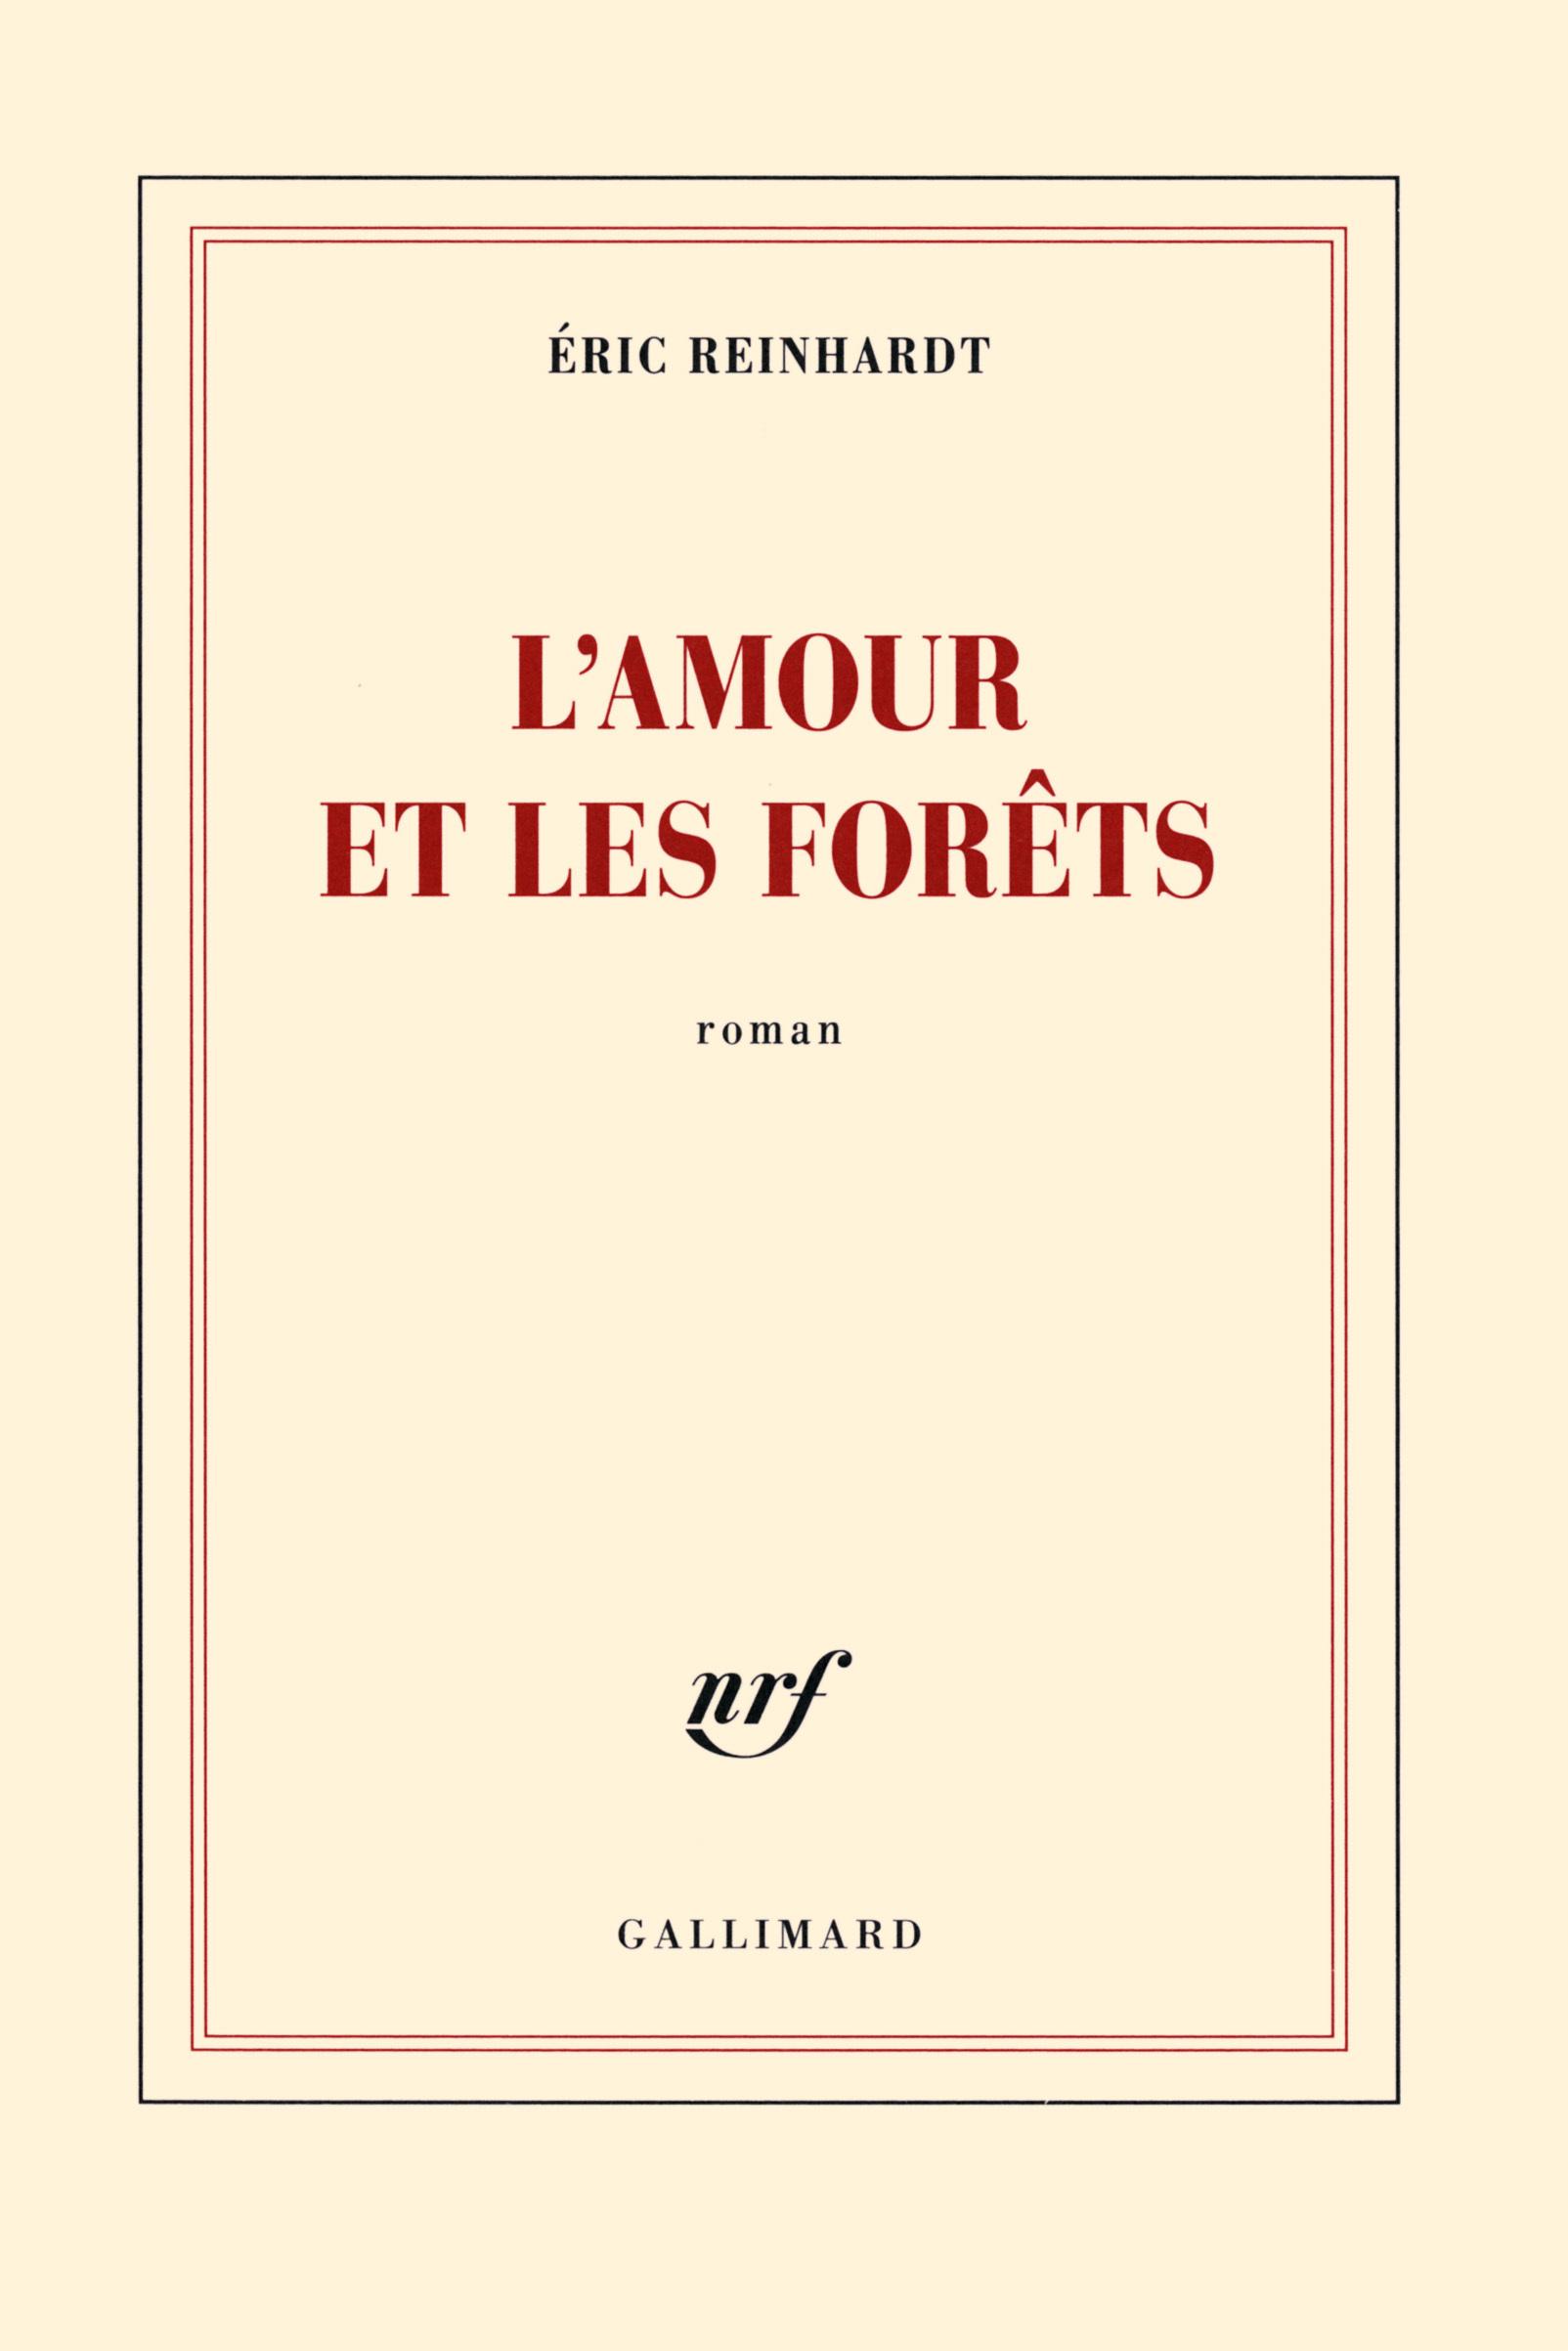 L'AMOUR ET LES FORETS